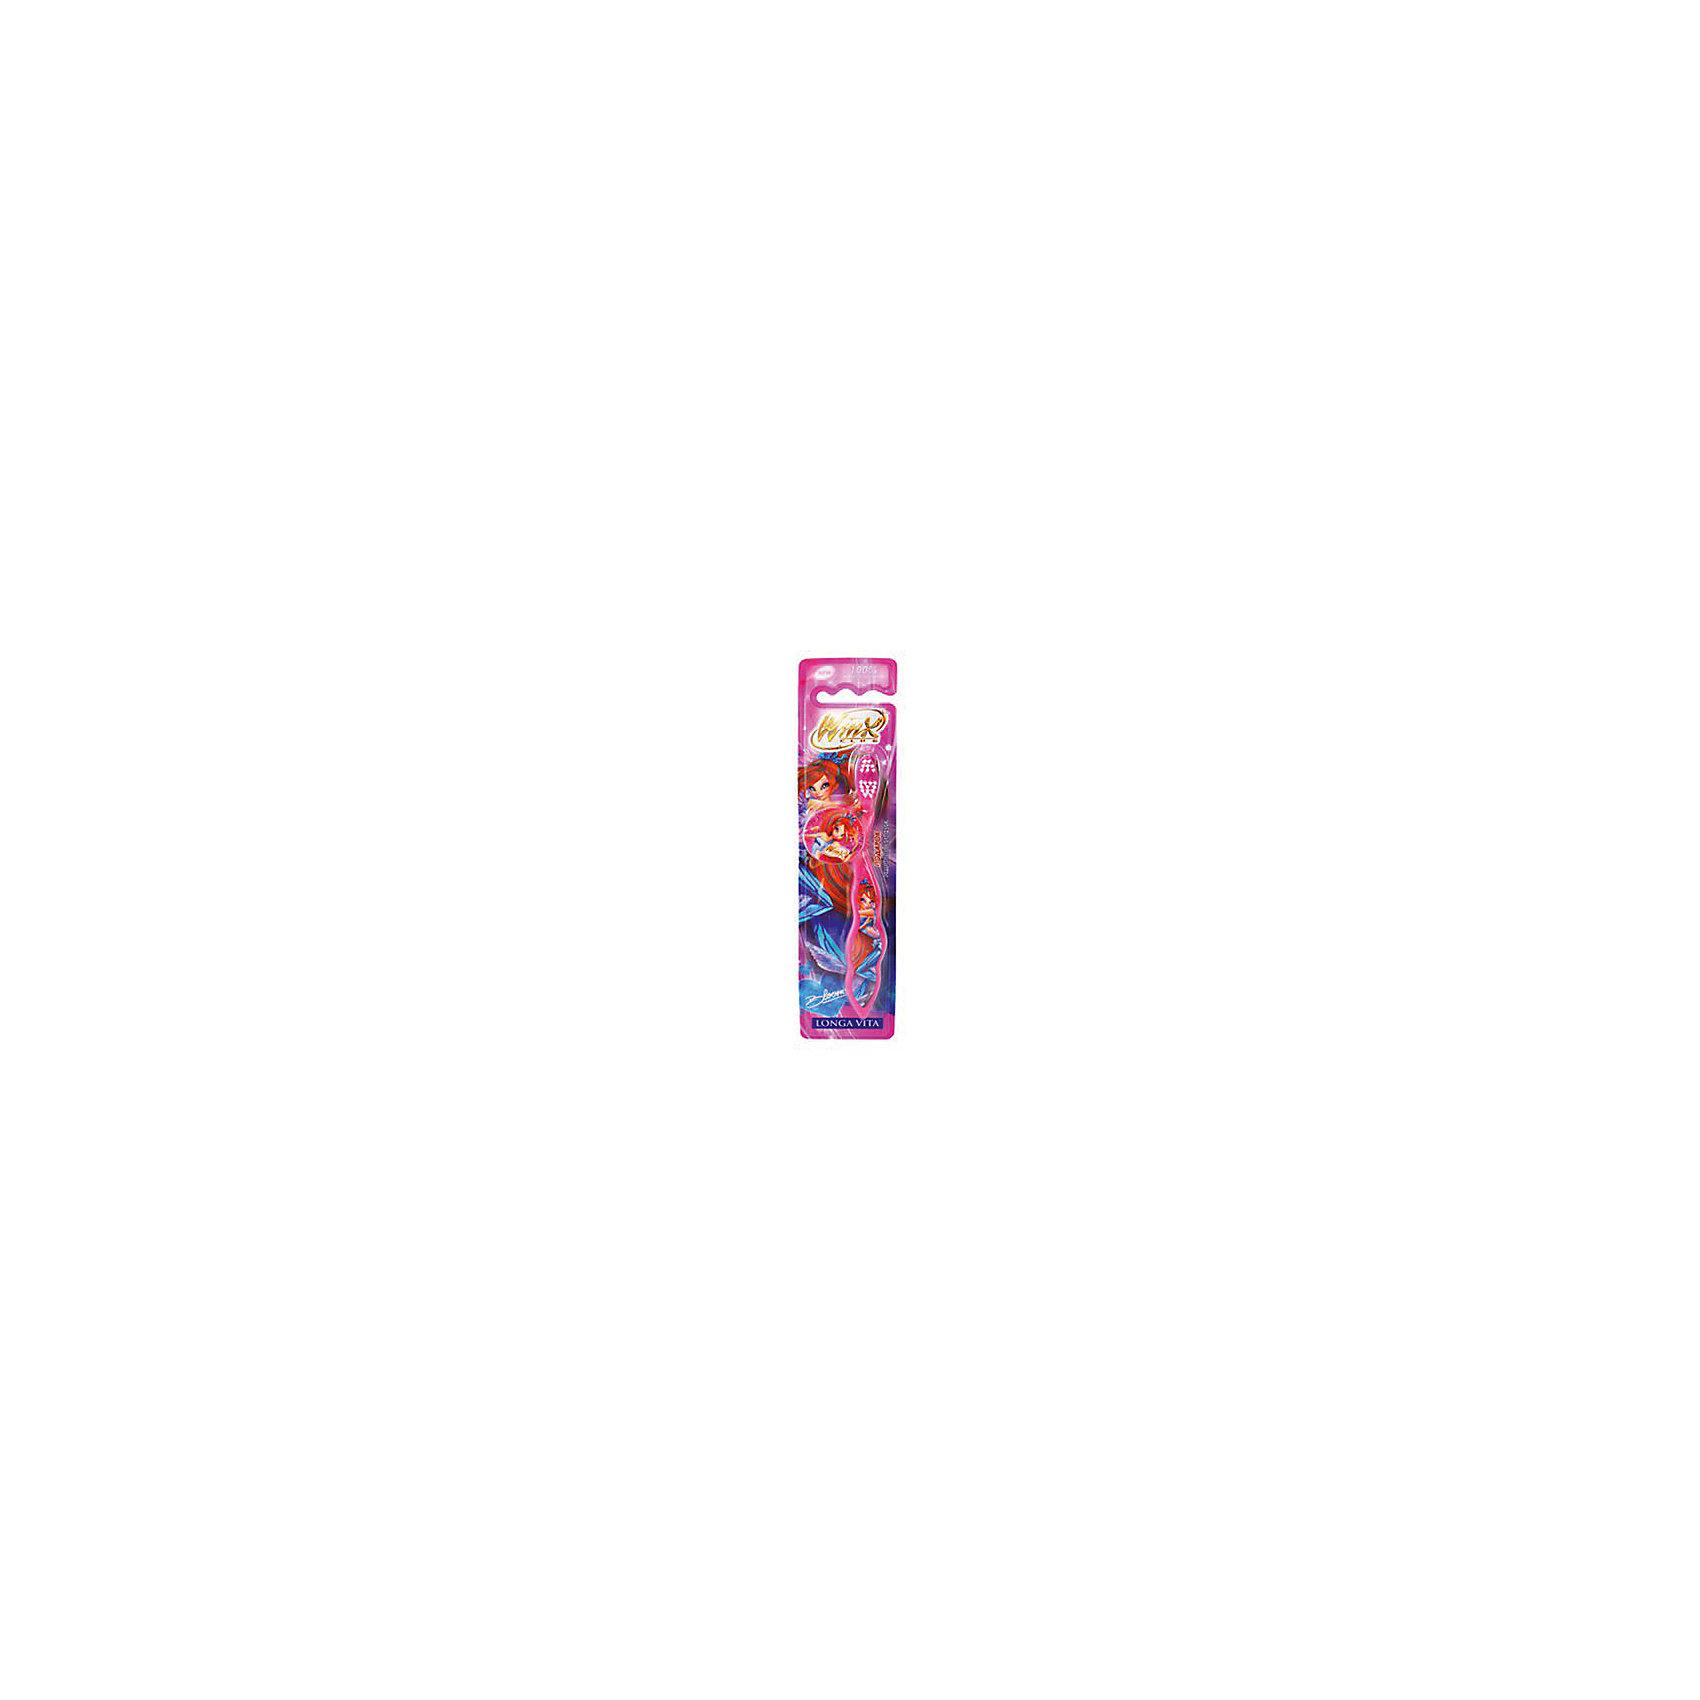 LONGA VITA Детская зубная щетка Winx с защитным колпачком , арт. WX-1 , LONGA VITA, розовый